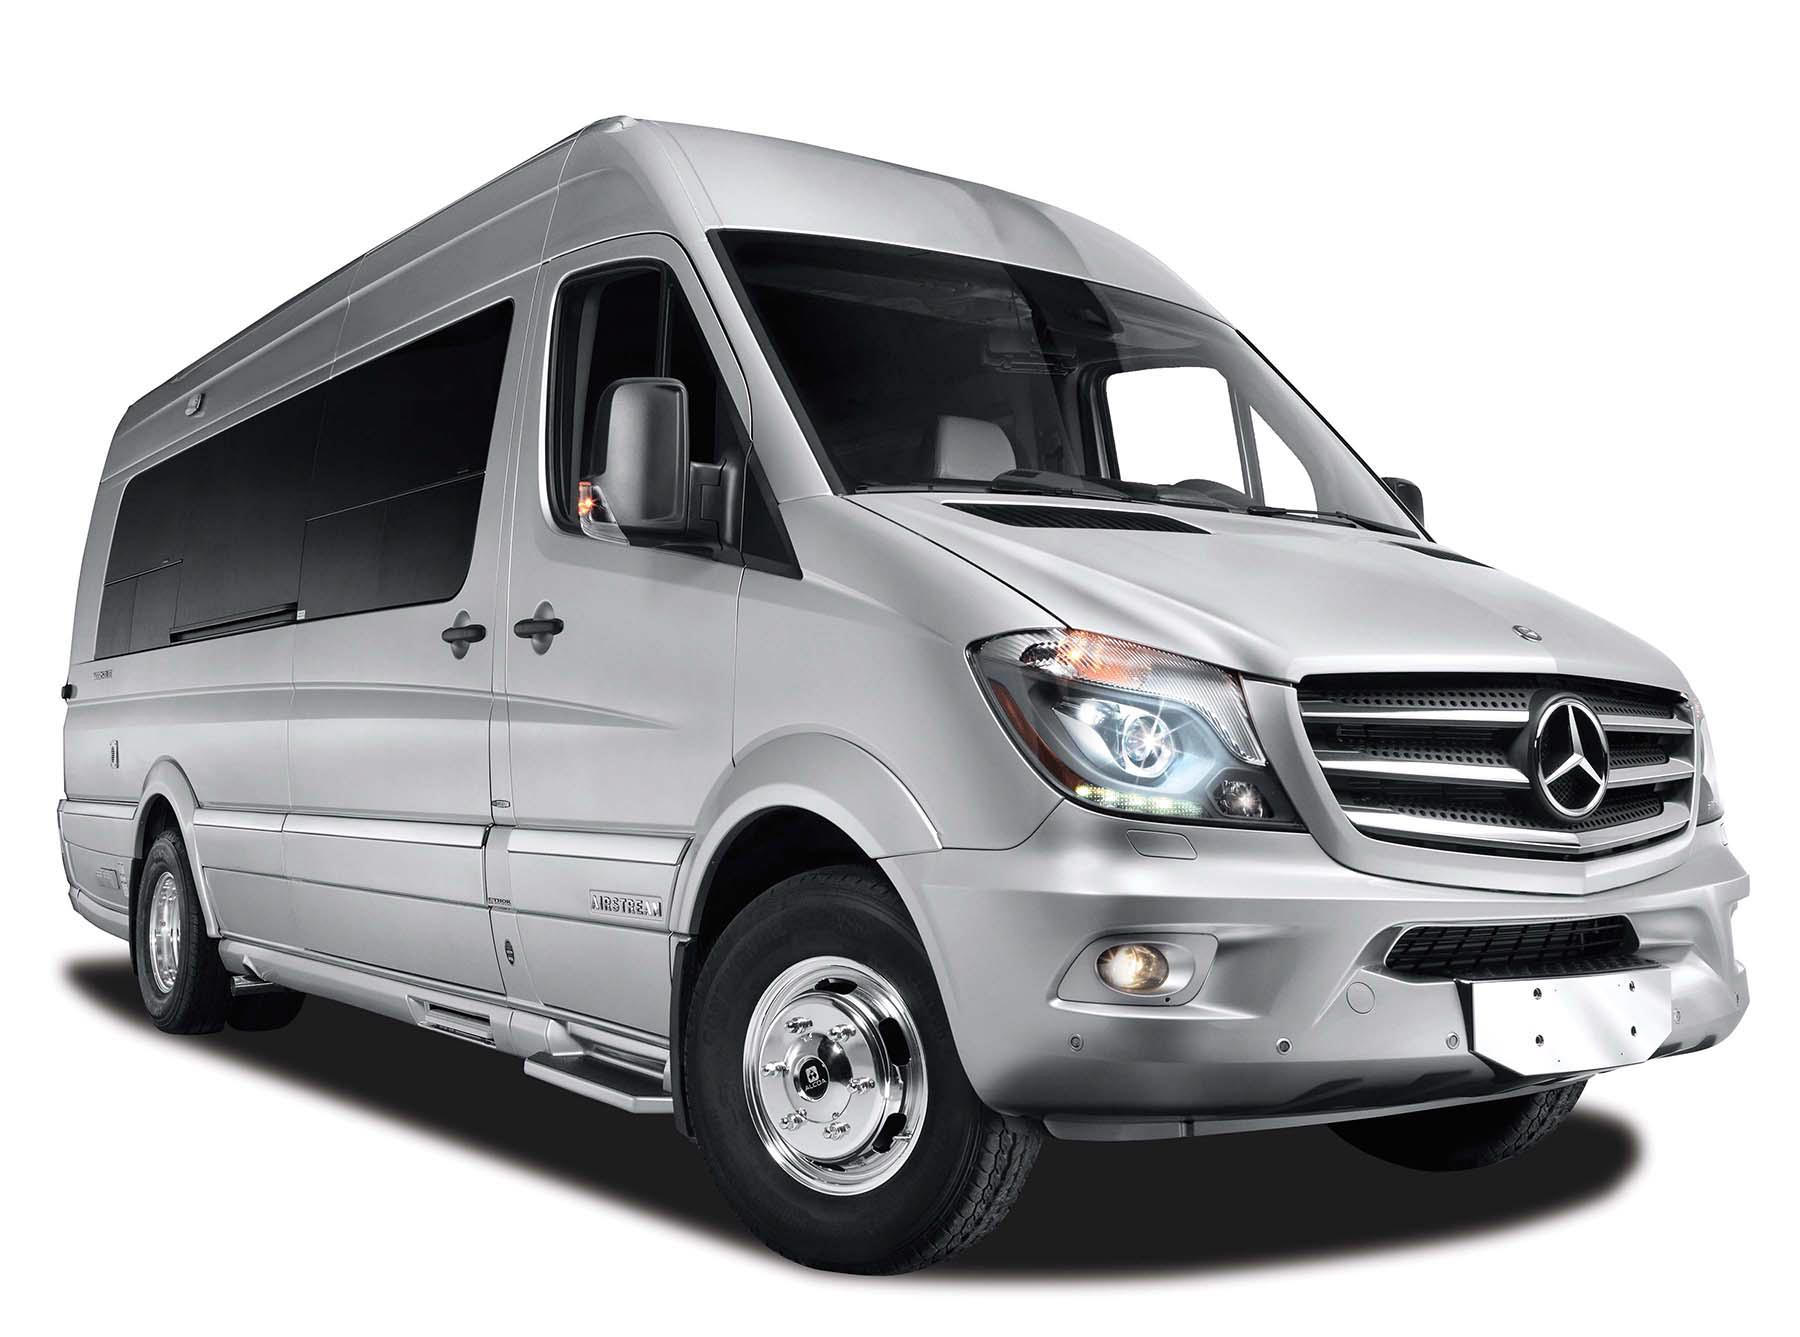 Ağ avtobus Mercedes Benz Sprinter